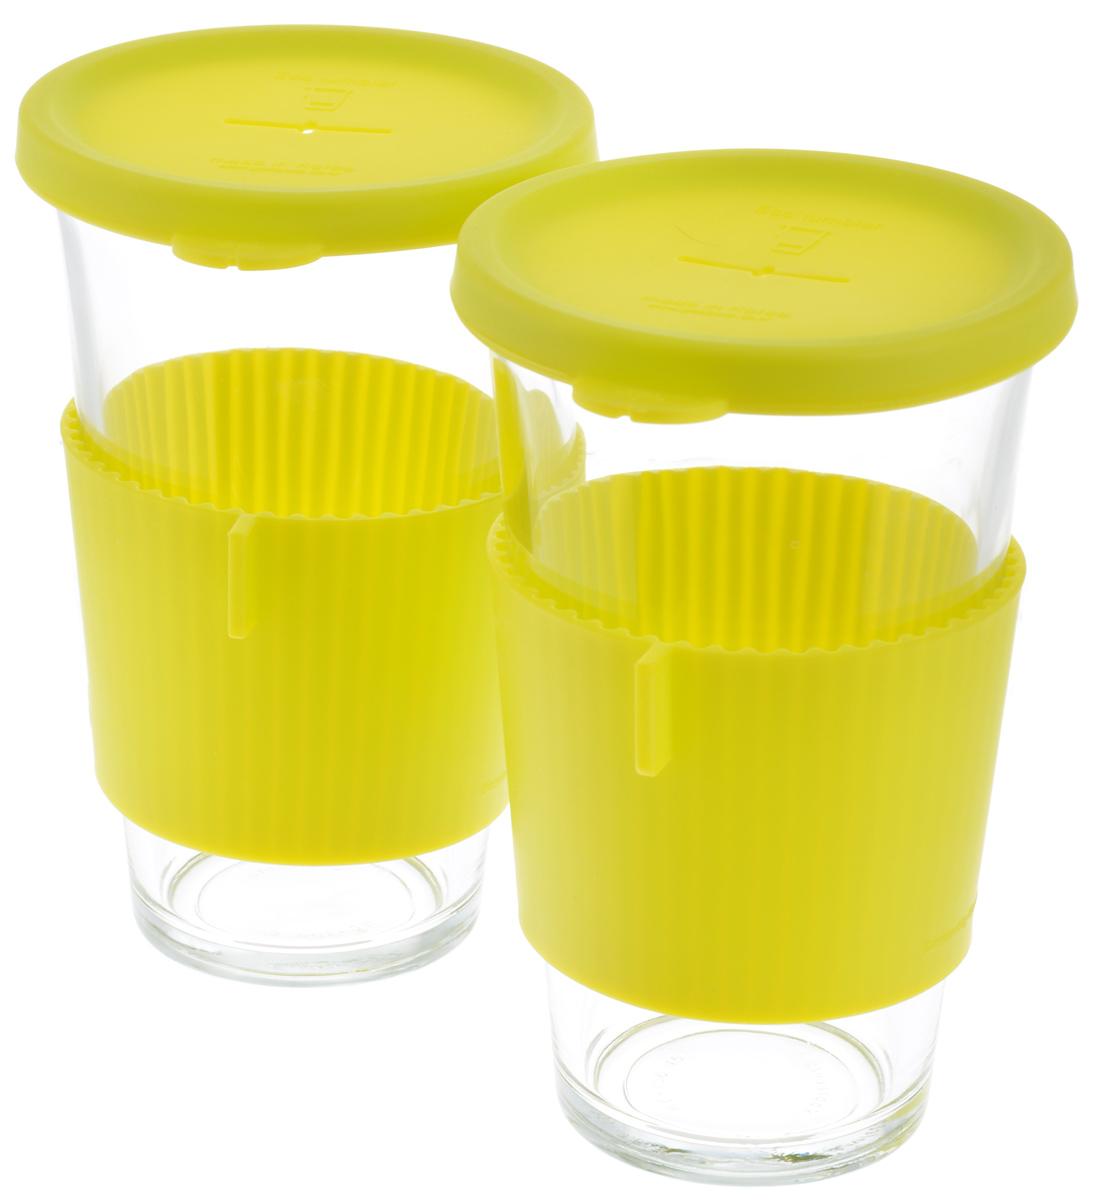 Набор стаканов Glasslock, цвет: прозрачный, салатовый, 500 мл, 2 штVT-1520(SR)Набор Glasslock, изготовленный из высококачественного термостойкого стекла, состоит из двух стаканов и двух силиконовых крышек. Крышка имеет отверстие для подвешивания пакетика чая. В таком стакане лучше всего заваривать чай и другие оздоровительные напитки. Изделие имеет силиконовый держатель, для предохранения рук от высокой температуры напитка.Стакан Glasslock можно комфортно использовать на работе или в офисе, также взять с собой в путешествие, чтобы ваш любимый чай был всегда с вами. Можно мыть в посудомоечной машине и использовать в микроволновой печи. Стаканы для хранения напитков в холодильнике и морозильной камере. Не использовать в духовке.Диаметр стакана по верхнему краю: 9 см. Высота стакана (с учетом крышки): 15,5 см.